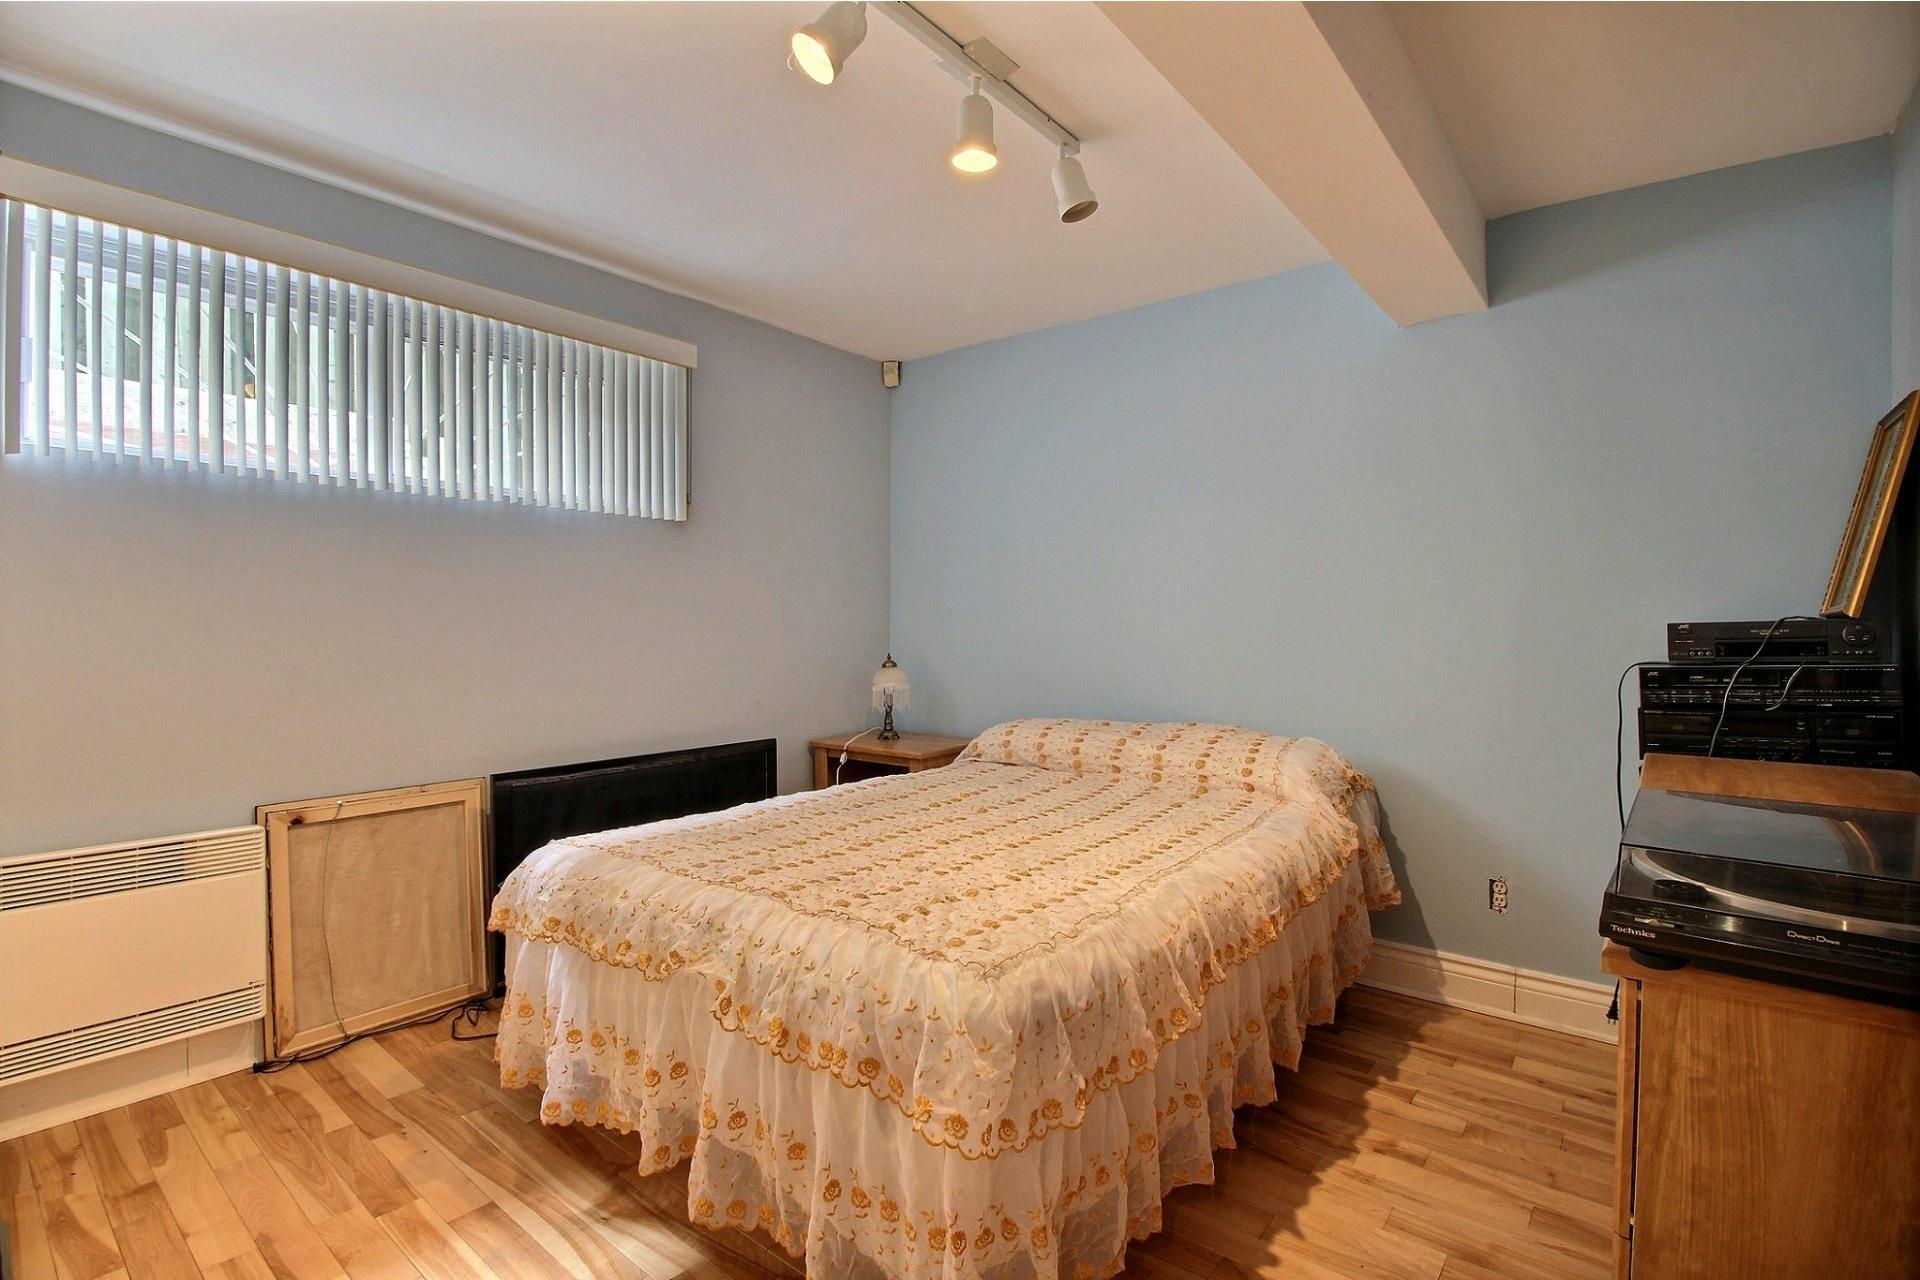 image 19 - Maison À vendre Montréal Rivière-des-Prairies/Pointe-aux-Trembles  - 8 pièces